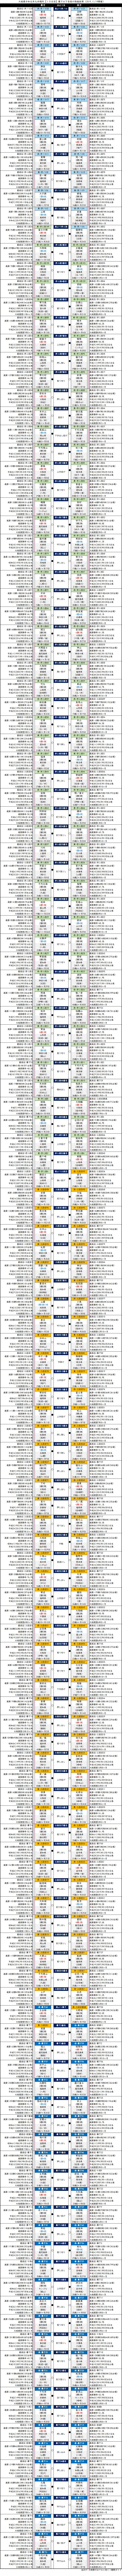 大相撲・2019年11月場所10日目・幕下以下の取組結果